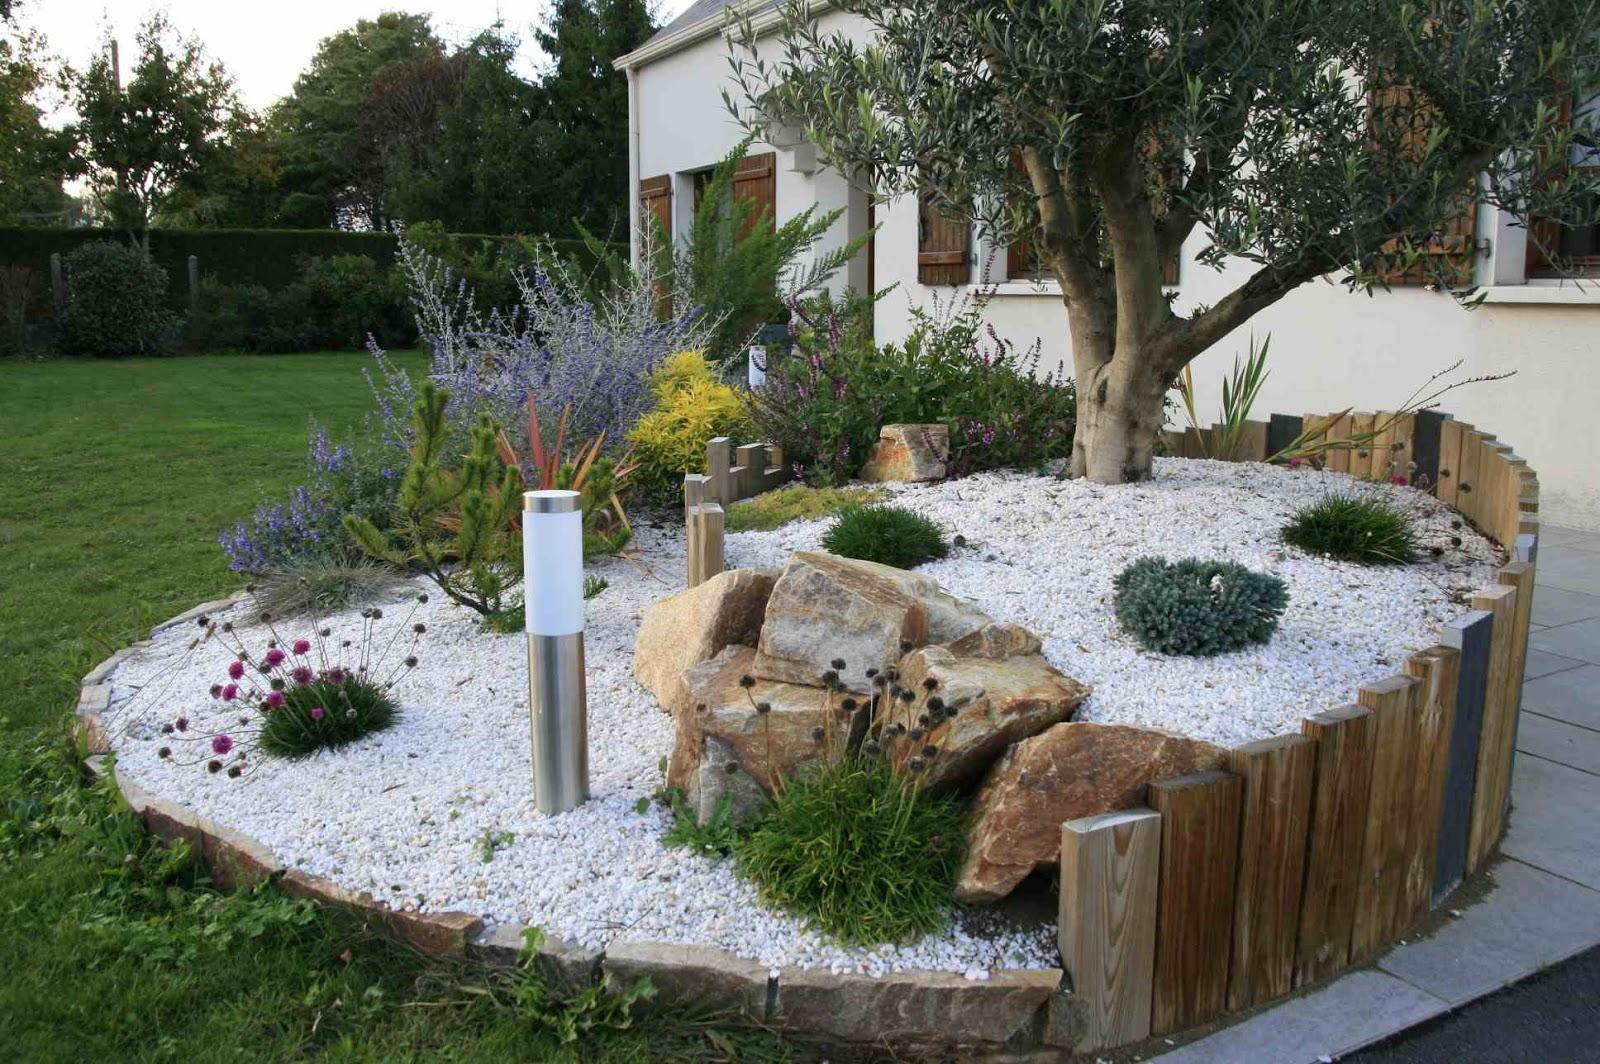 creation d un massif de vivaces 11 cr er un massif de plantes vivaces en terre acide. Black Bedroom Furniture Sets. Home Design Ideas